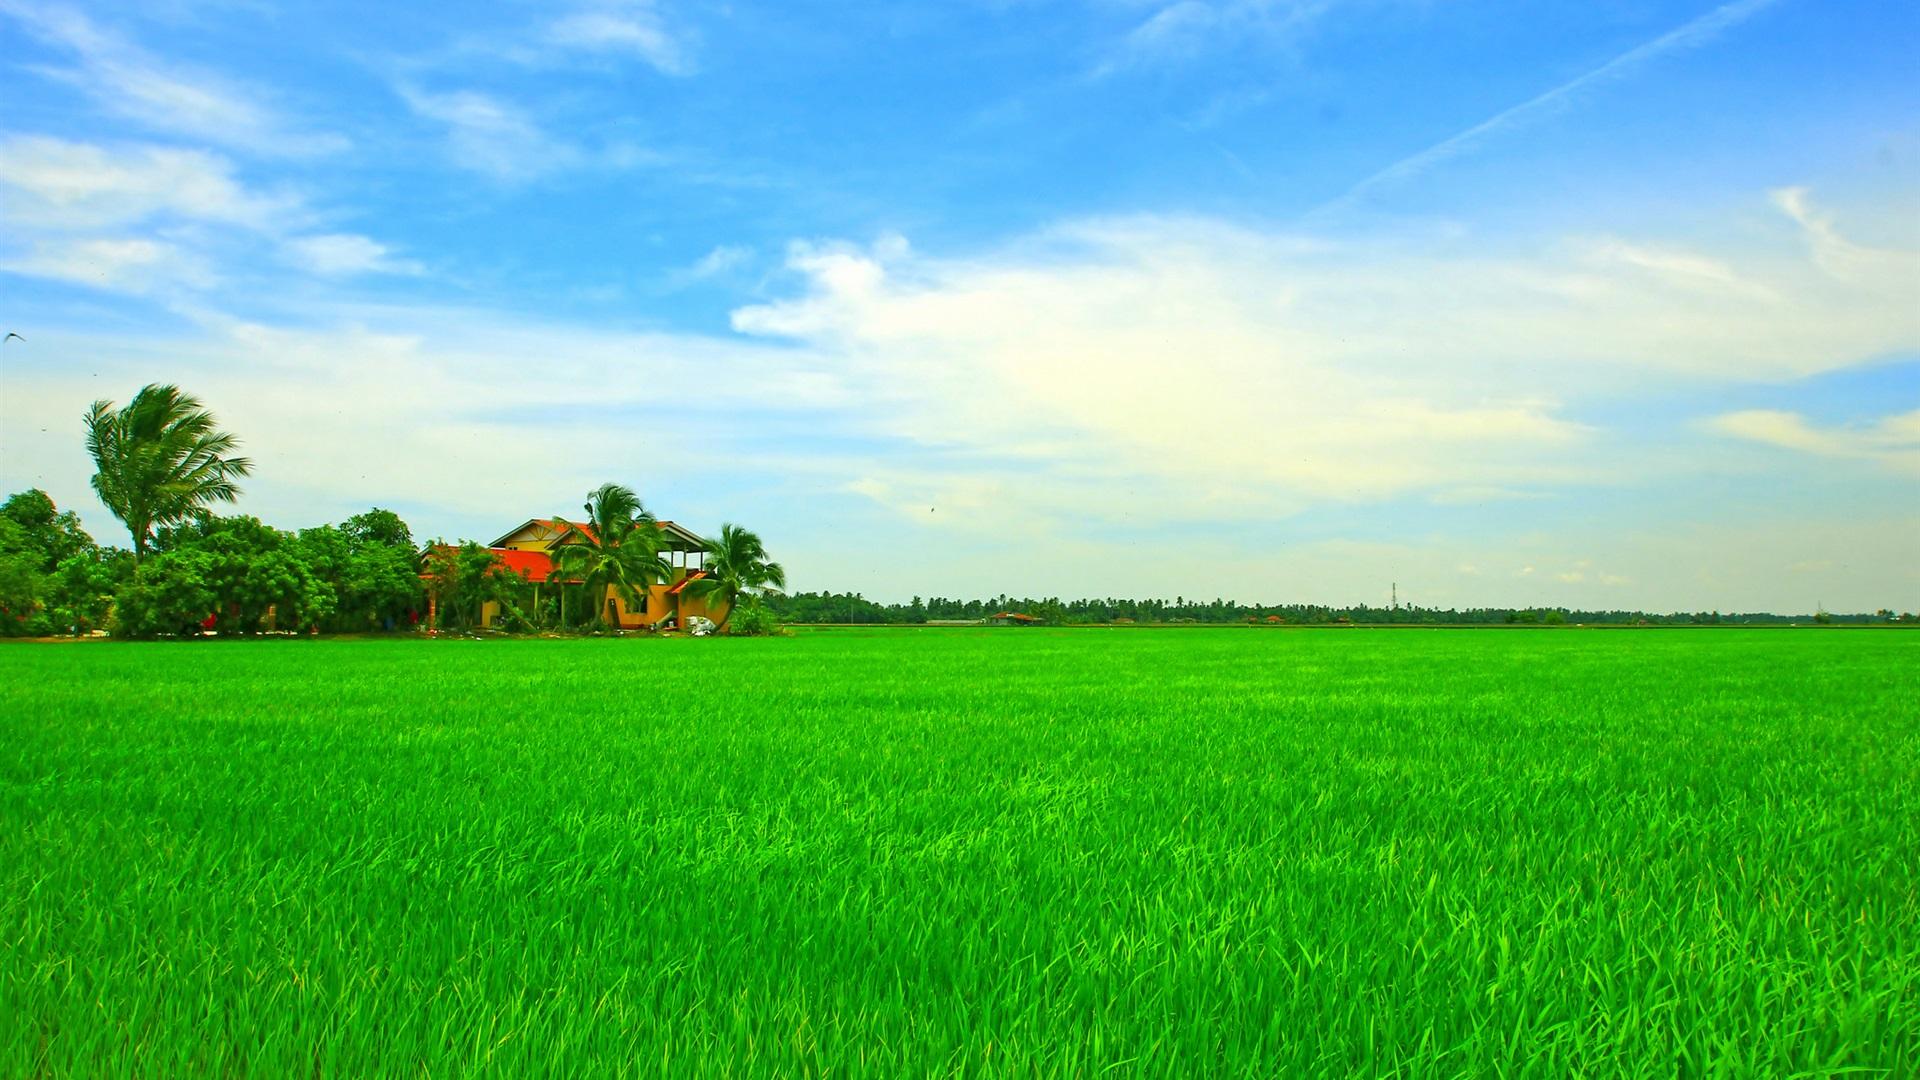 hermoso paisaje tropical asi tico casa campo verde